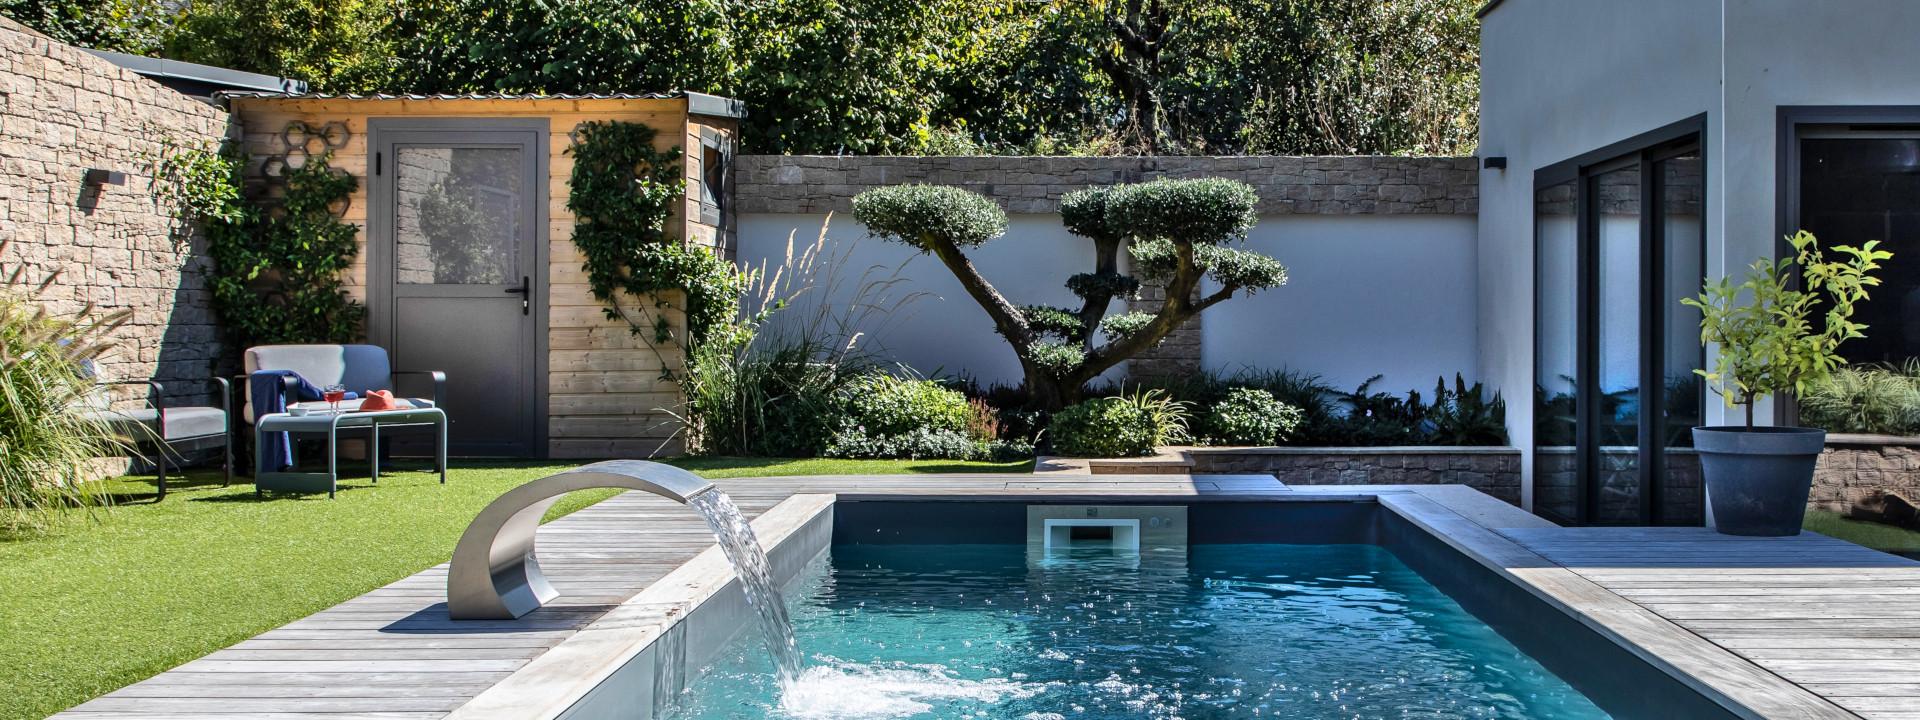 Constructeur De Piscine Paris piscinelle : fabricant de piscines éco-design